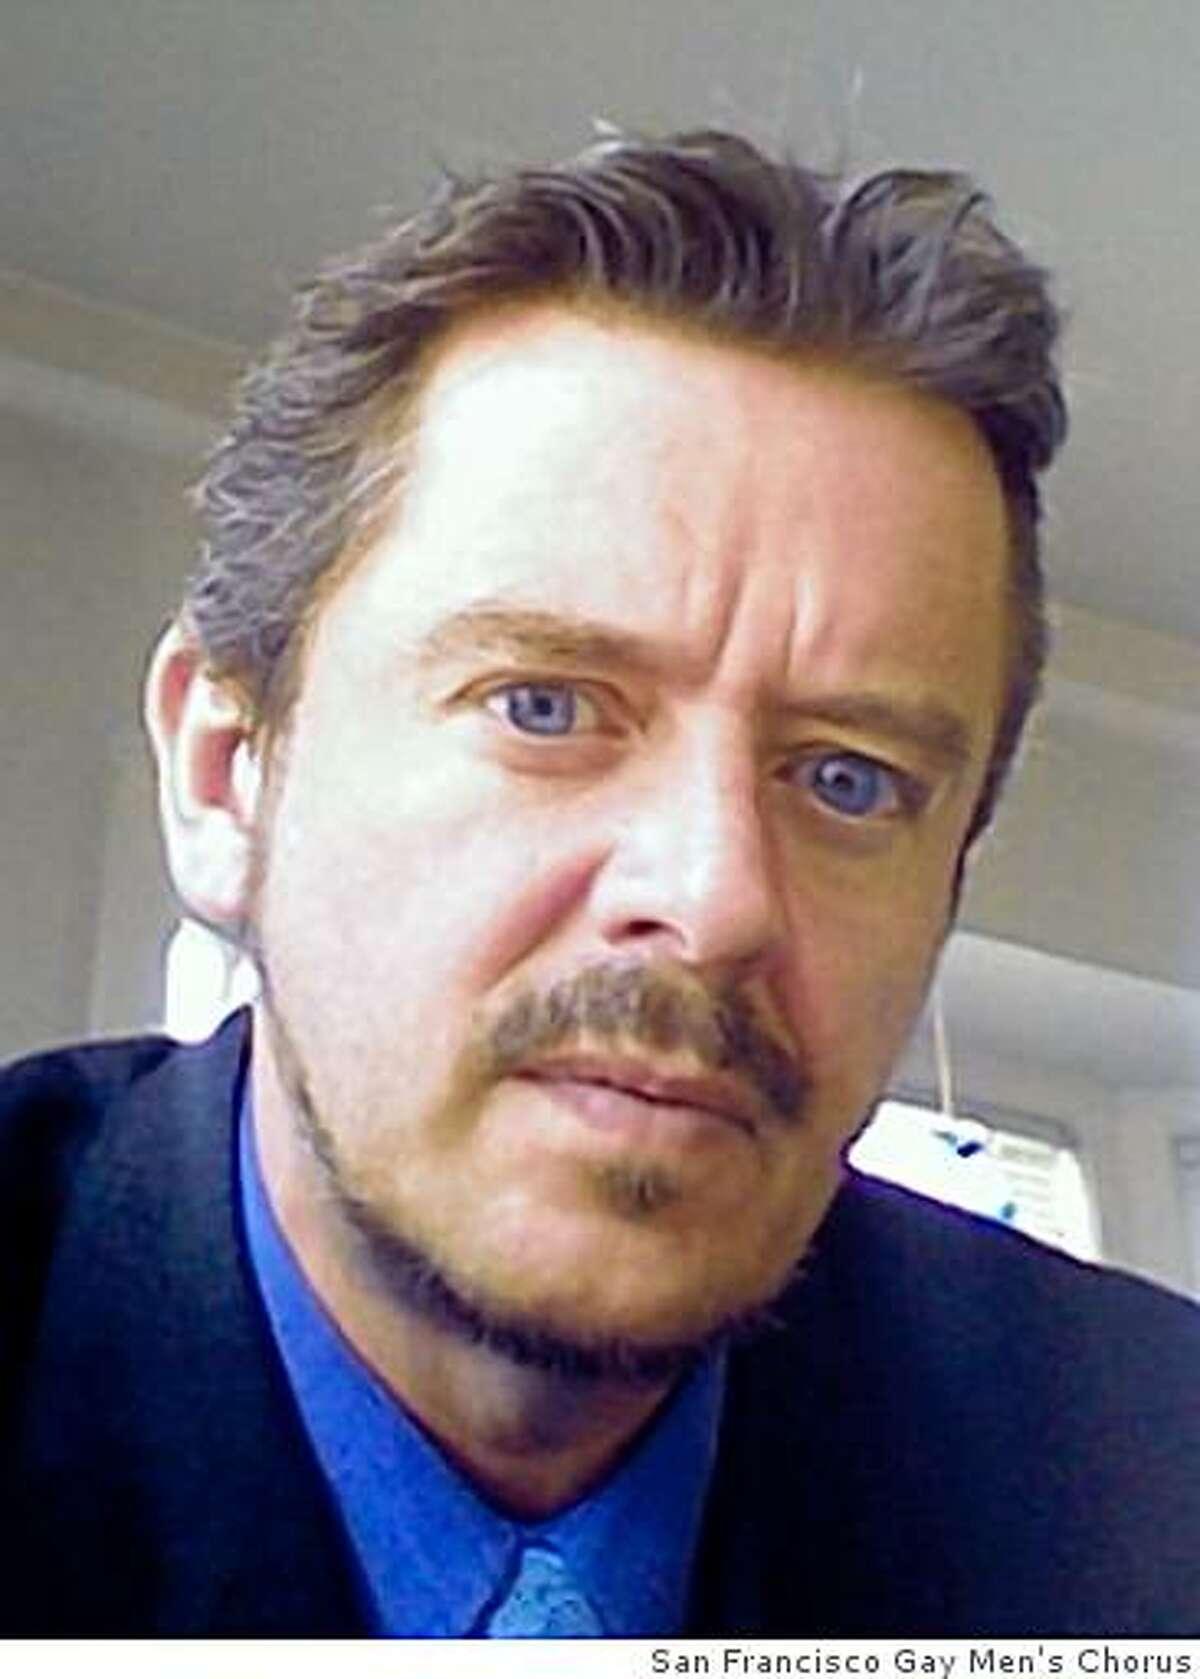 Teddy Witherington, executive director of the San Francisco Gay Men's Chorus